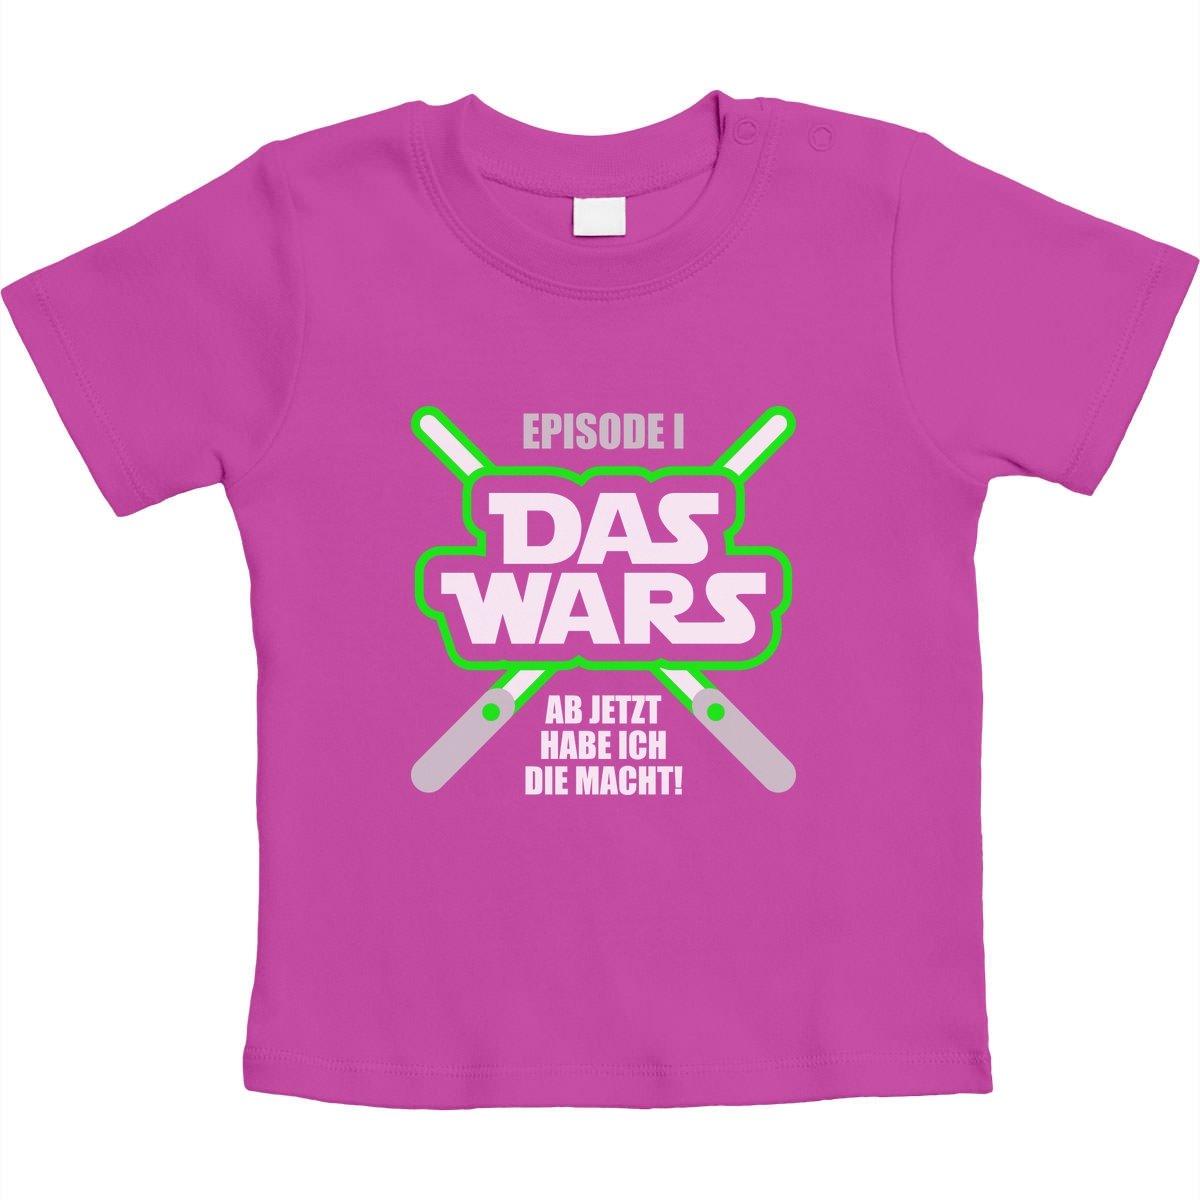 Geschenk f/ür die kleinsten Fans DAS Wars Unisex Baby T-Shirt Gr 66-93